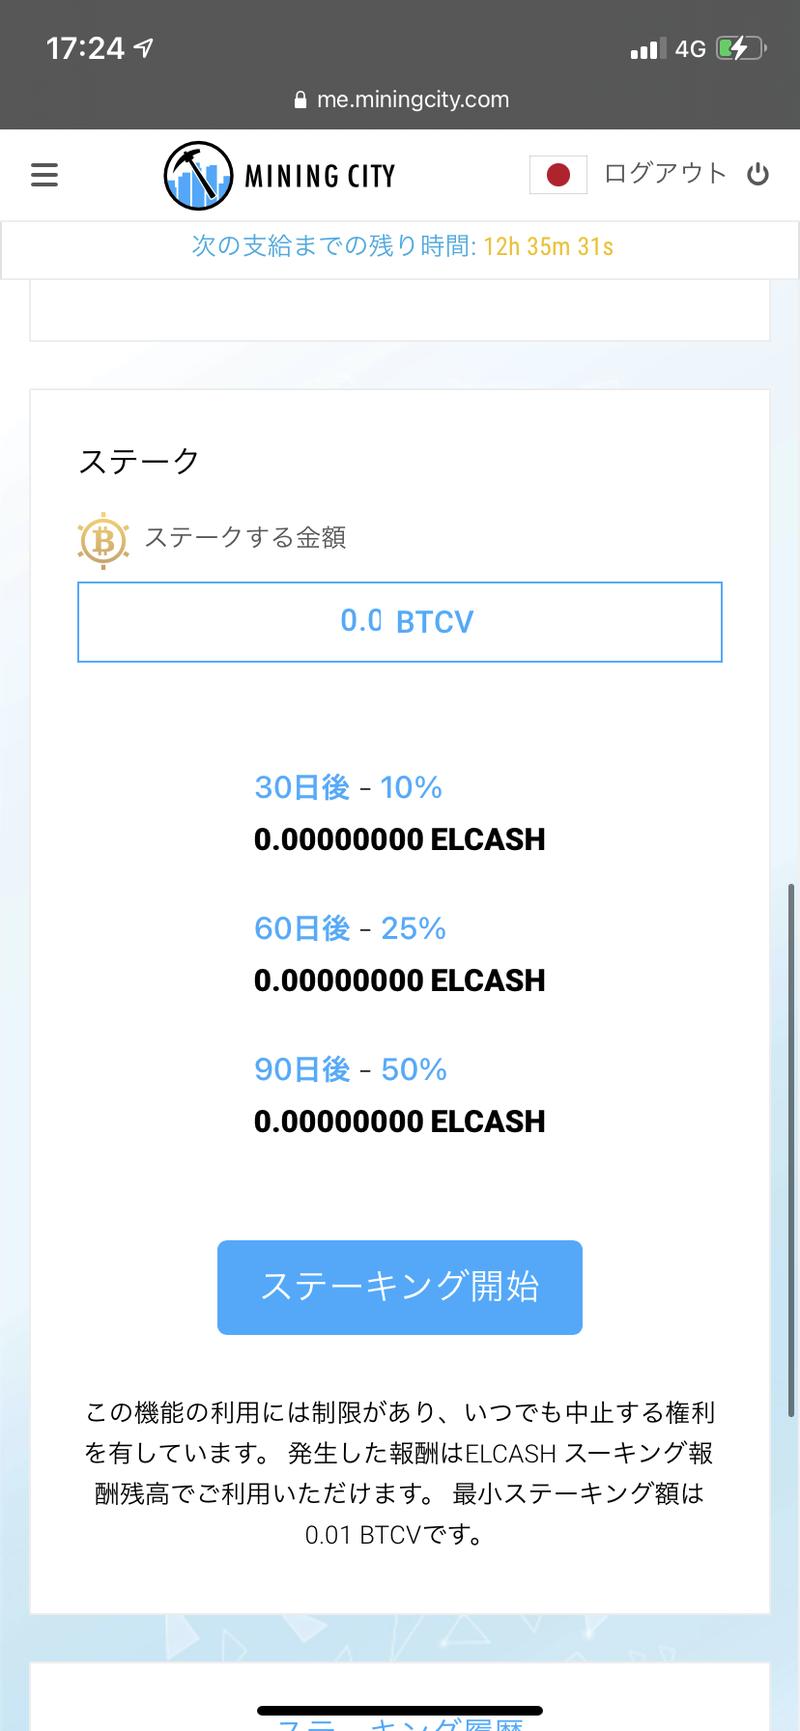 コイン 価格 ビット ボルト